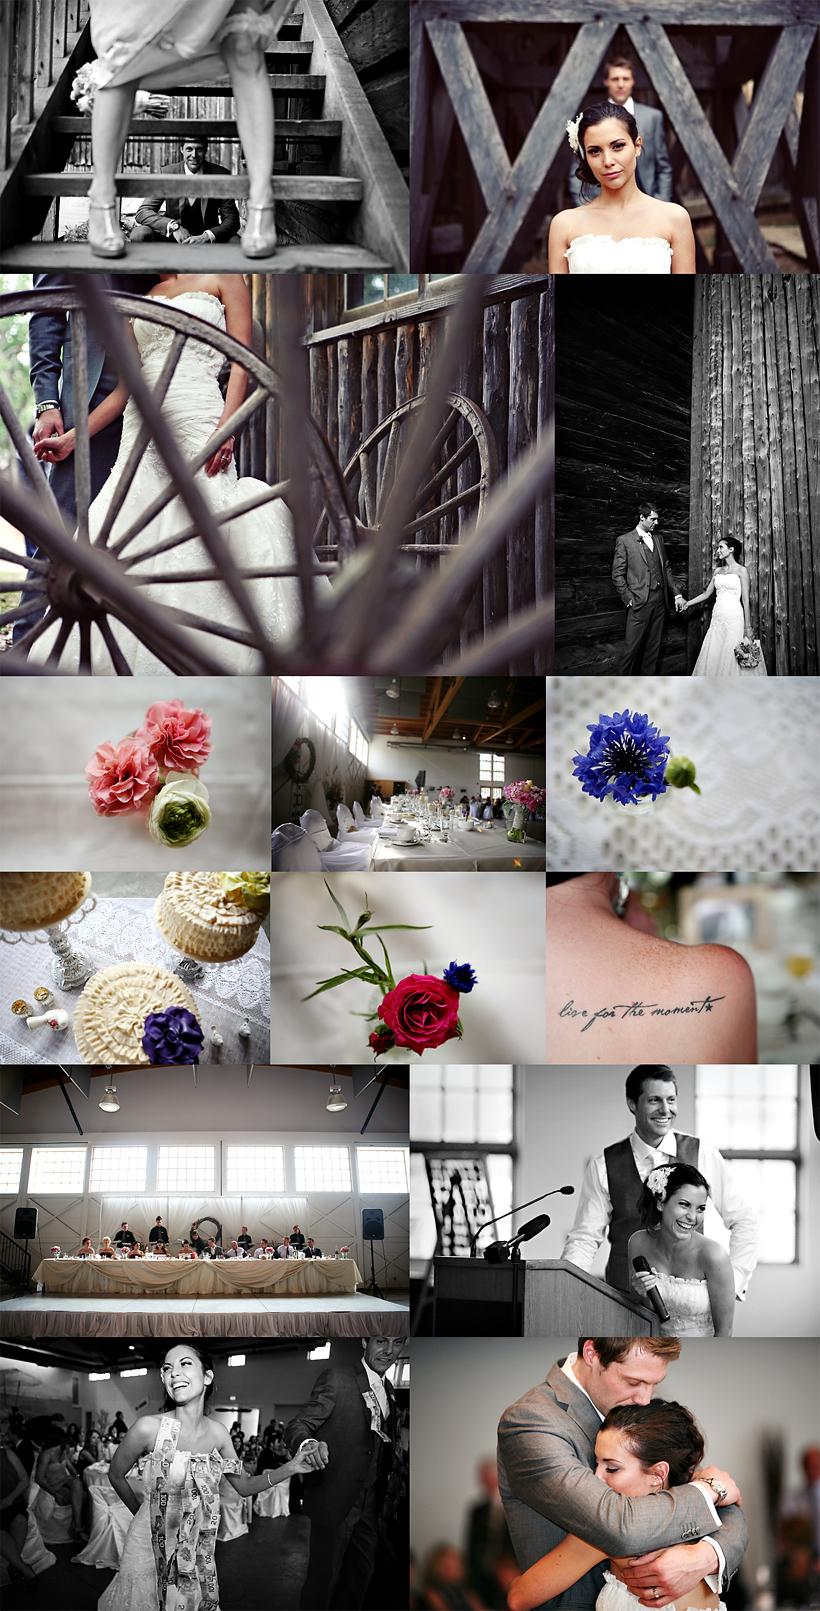 edmonton_wedding_photography